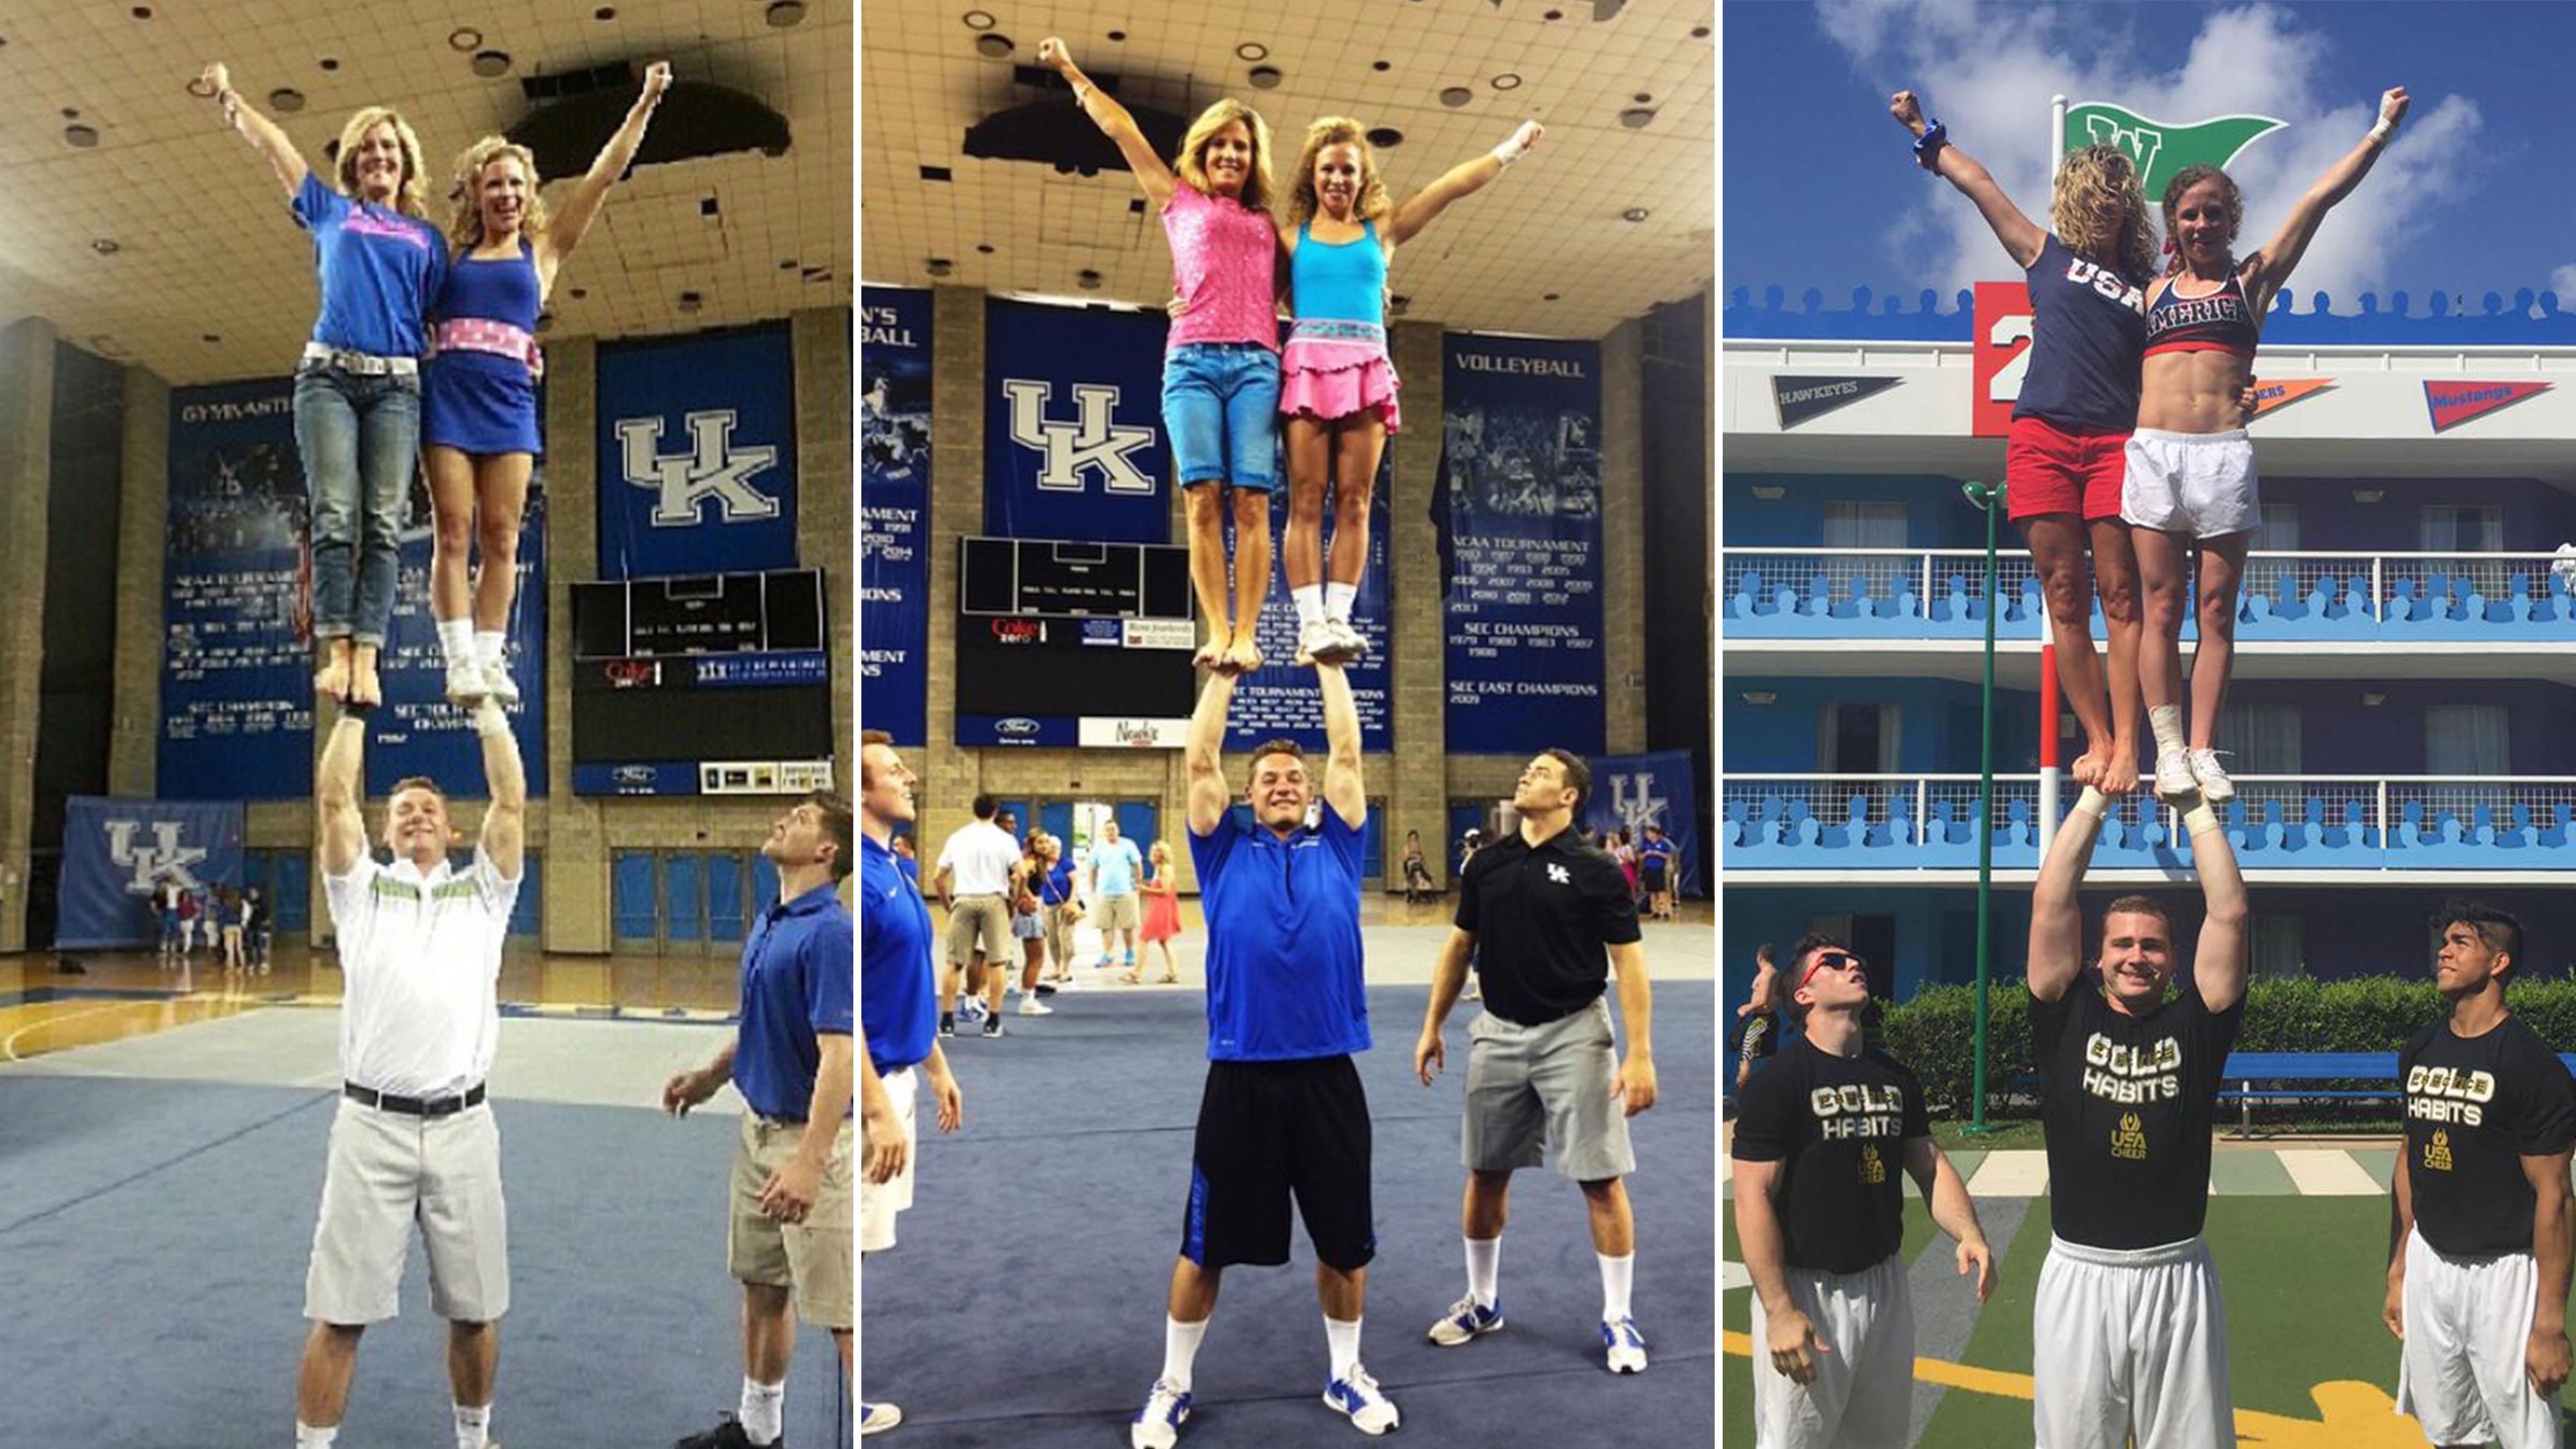 Meet University Of Kentucky Cheerleading Mother-Daughter Duo | Varsity TV